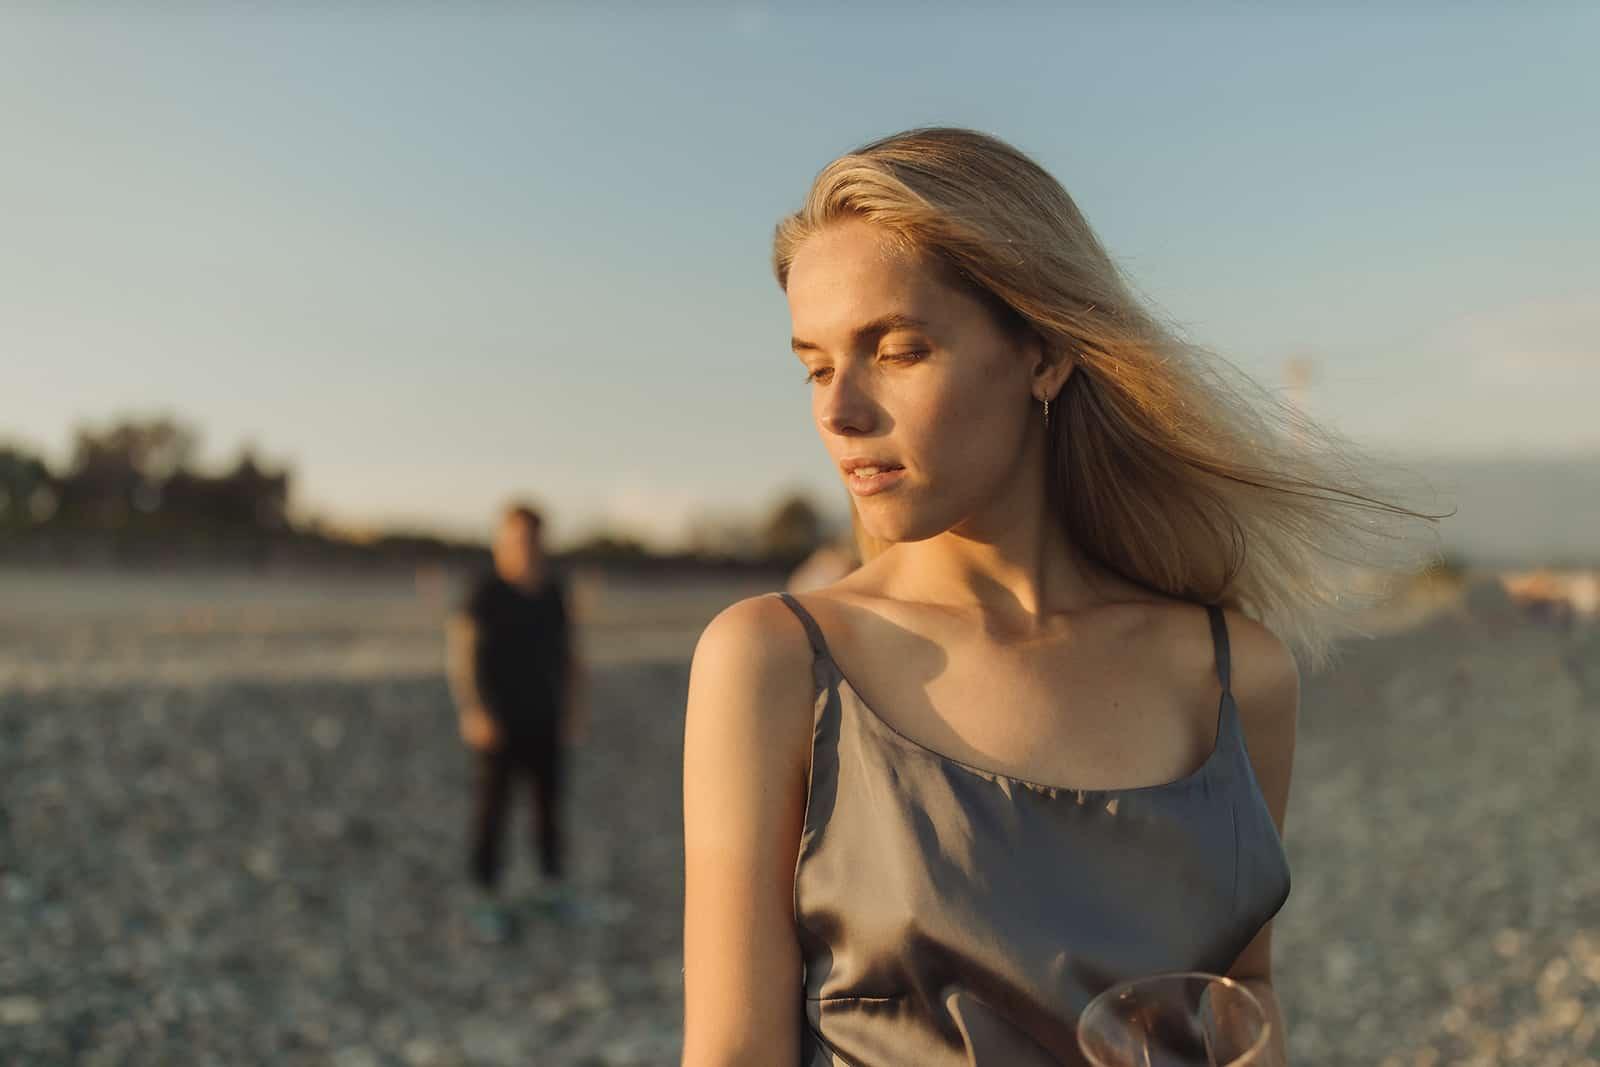 eine Frau im grauen Kleid, die vor einem Mann am Strand steht